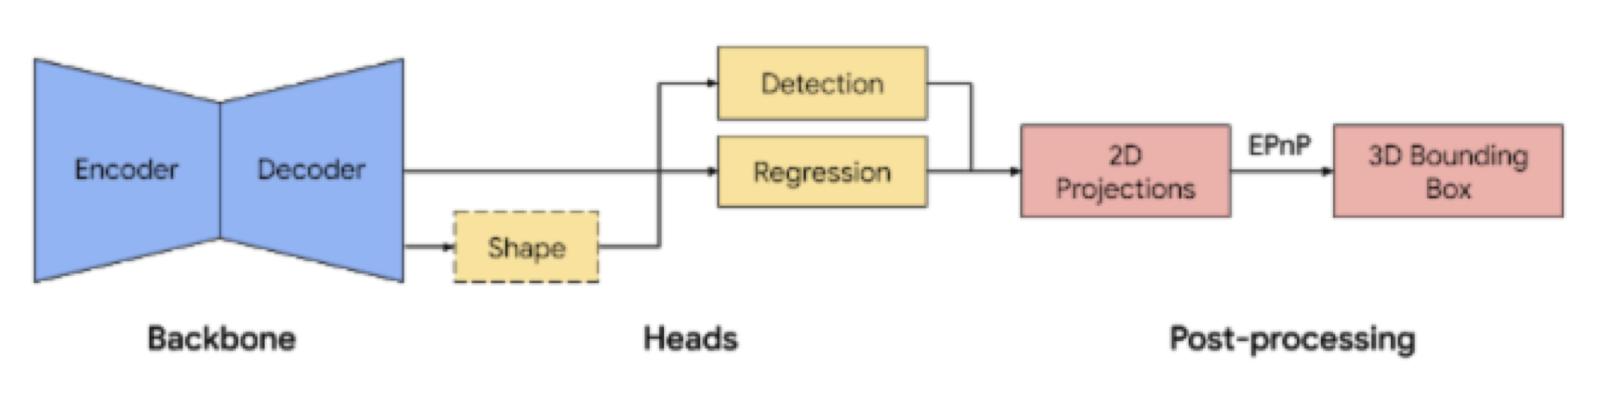 Шесть степеней свободы: 3D object detection и не только - 3